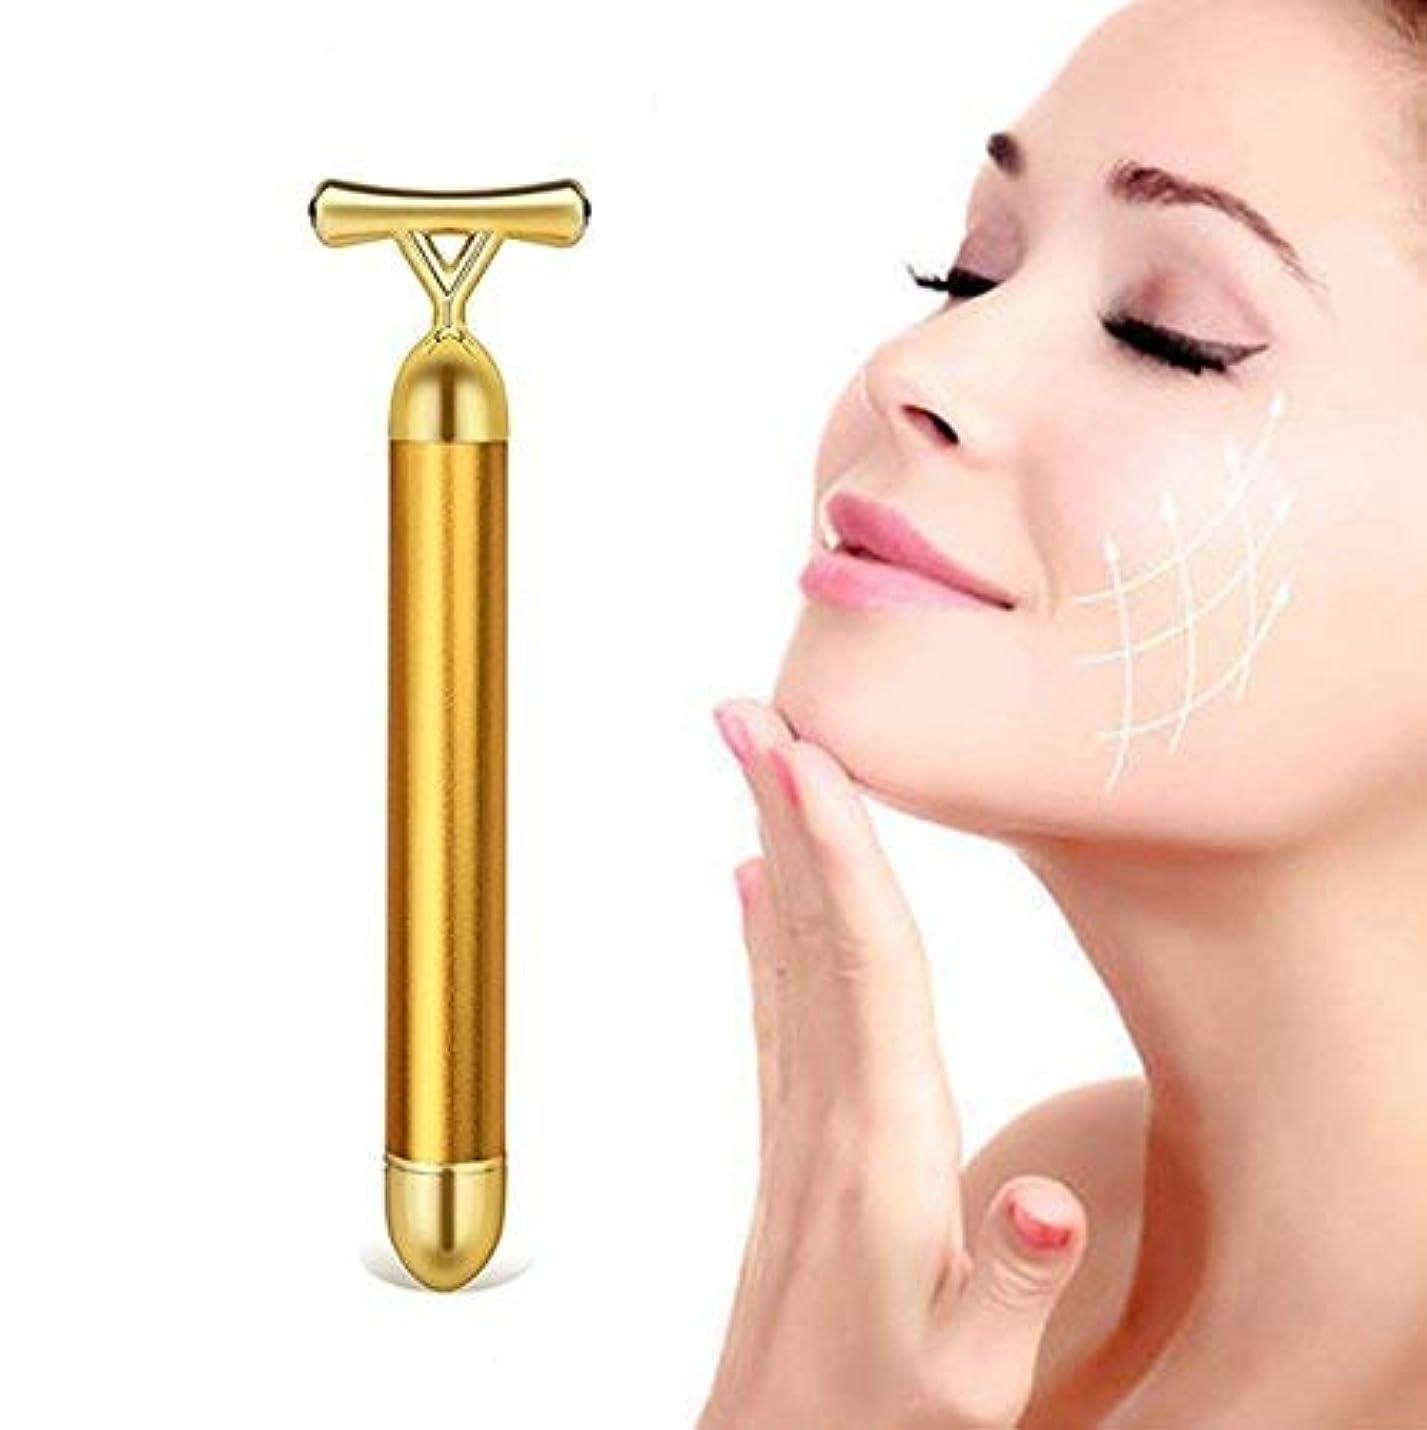 宣伝同等の国際Beauty Bar 24k Golden Pulse Facial Massager Y-Shape Electric Face Massage Tools Gold Stick Skincare Wrinkle Treatment...